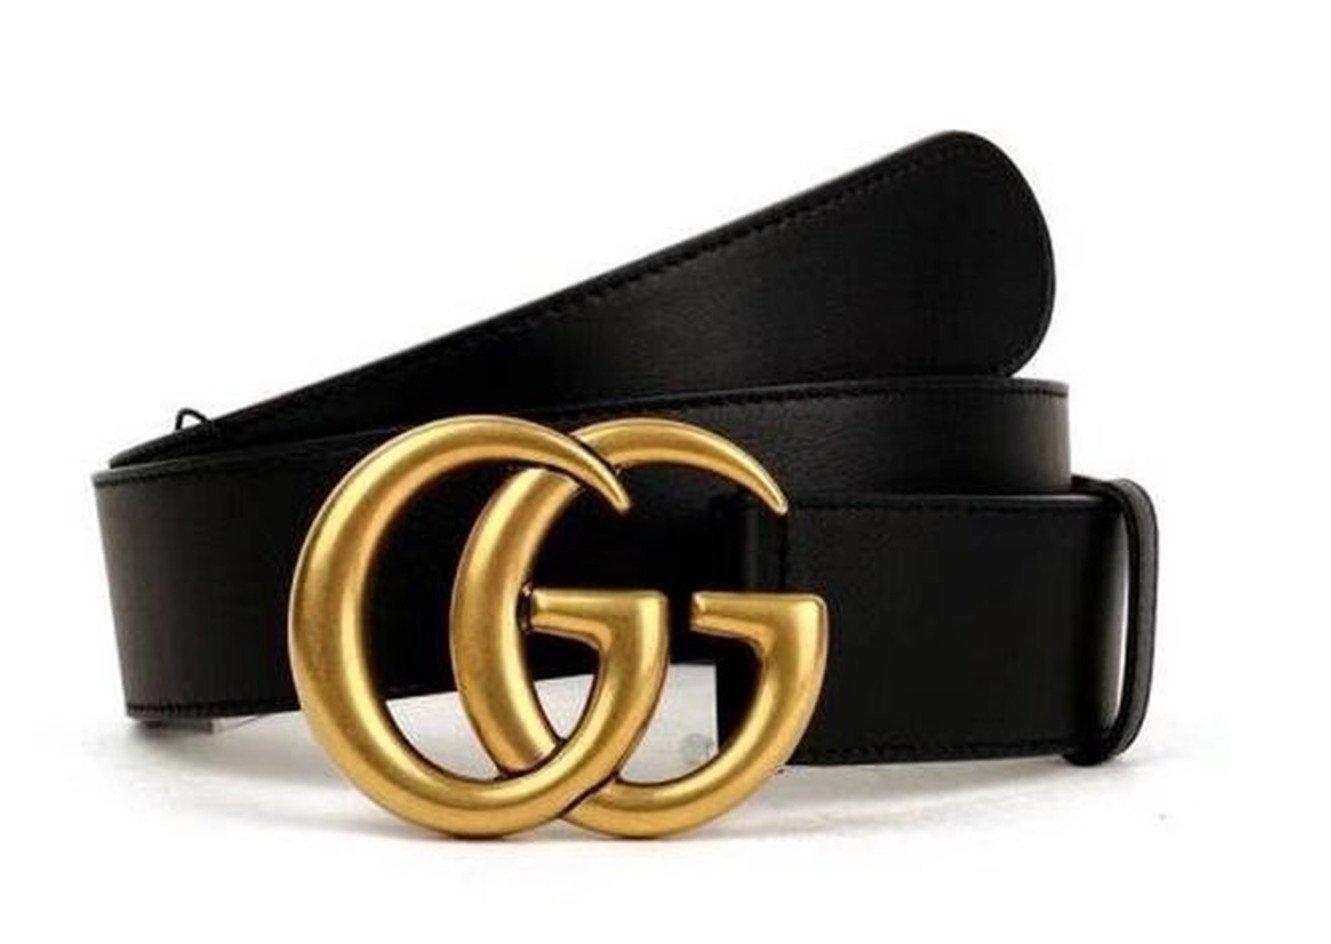 e3de4afd530e Original authentique mode boutique double GG or boucle hommes et femmes  ceinture